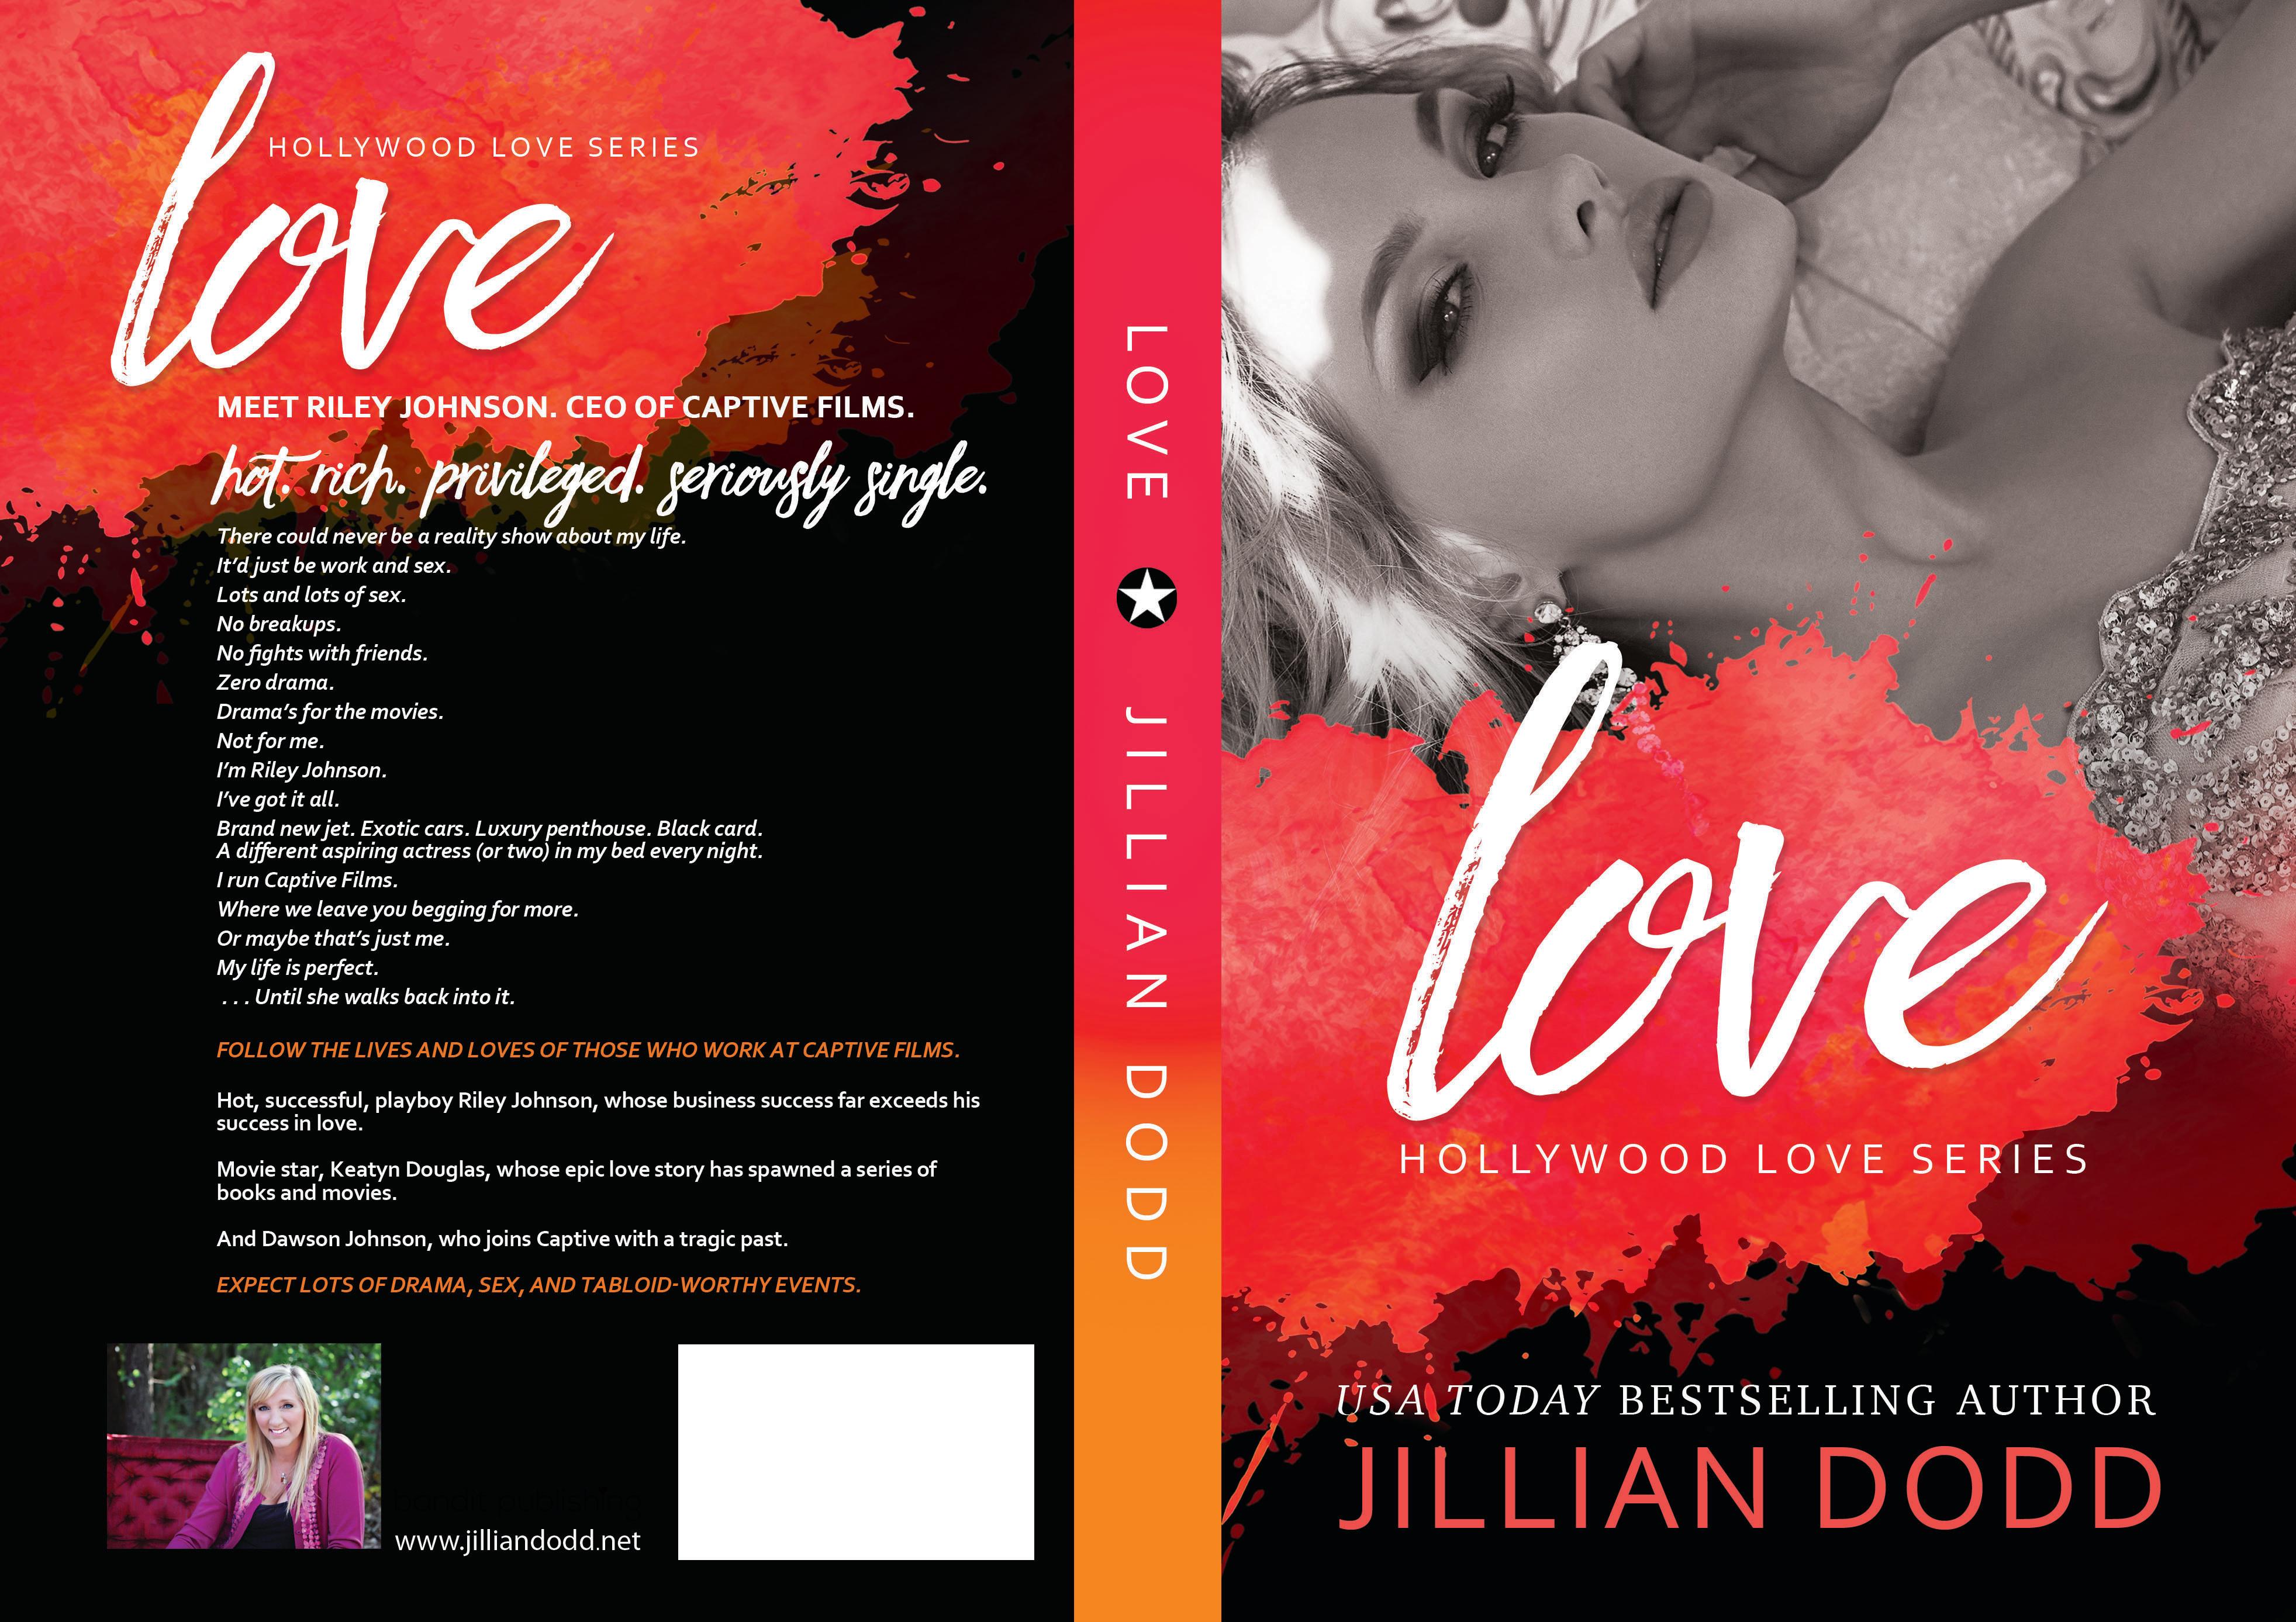 Love-FINAL-print